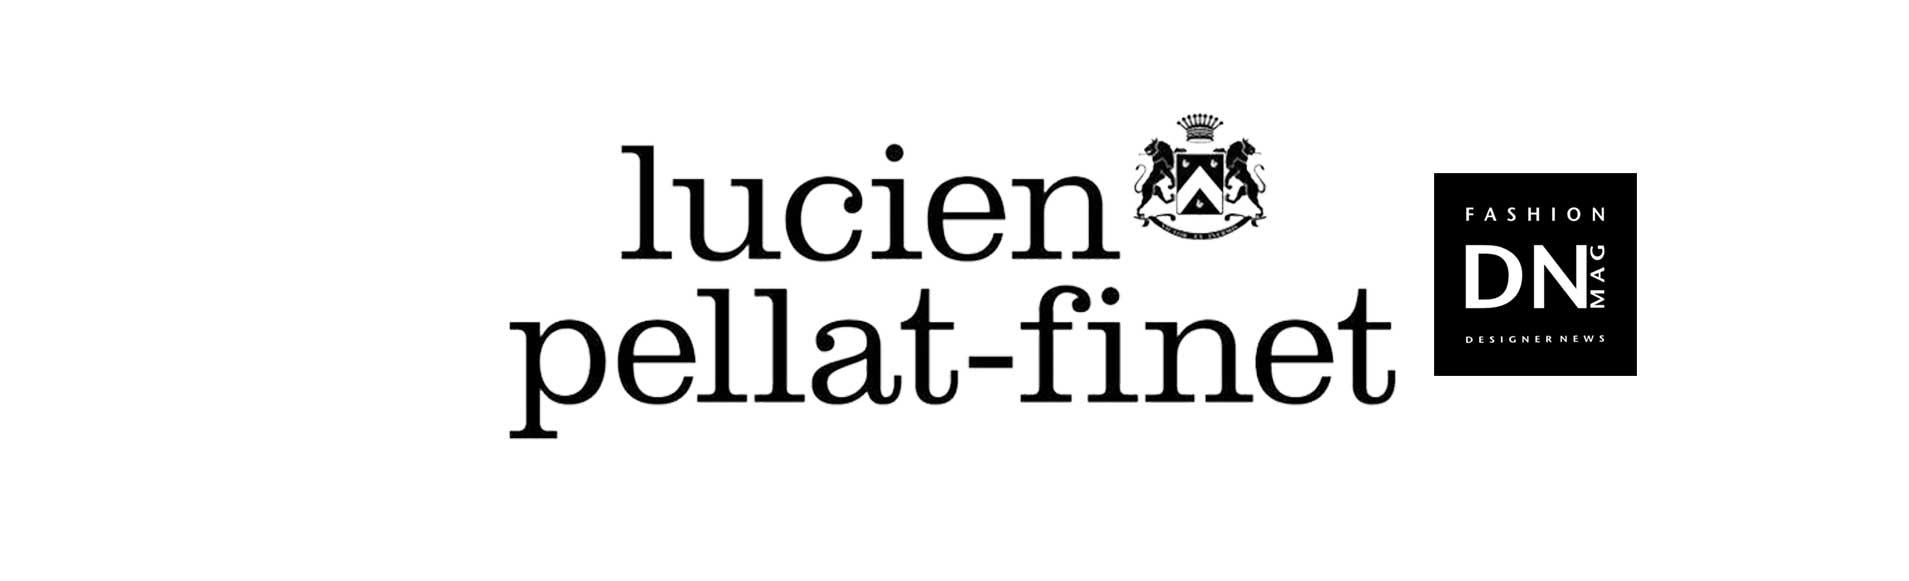 DNMAG-lucien-pellat-finet